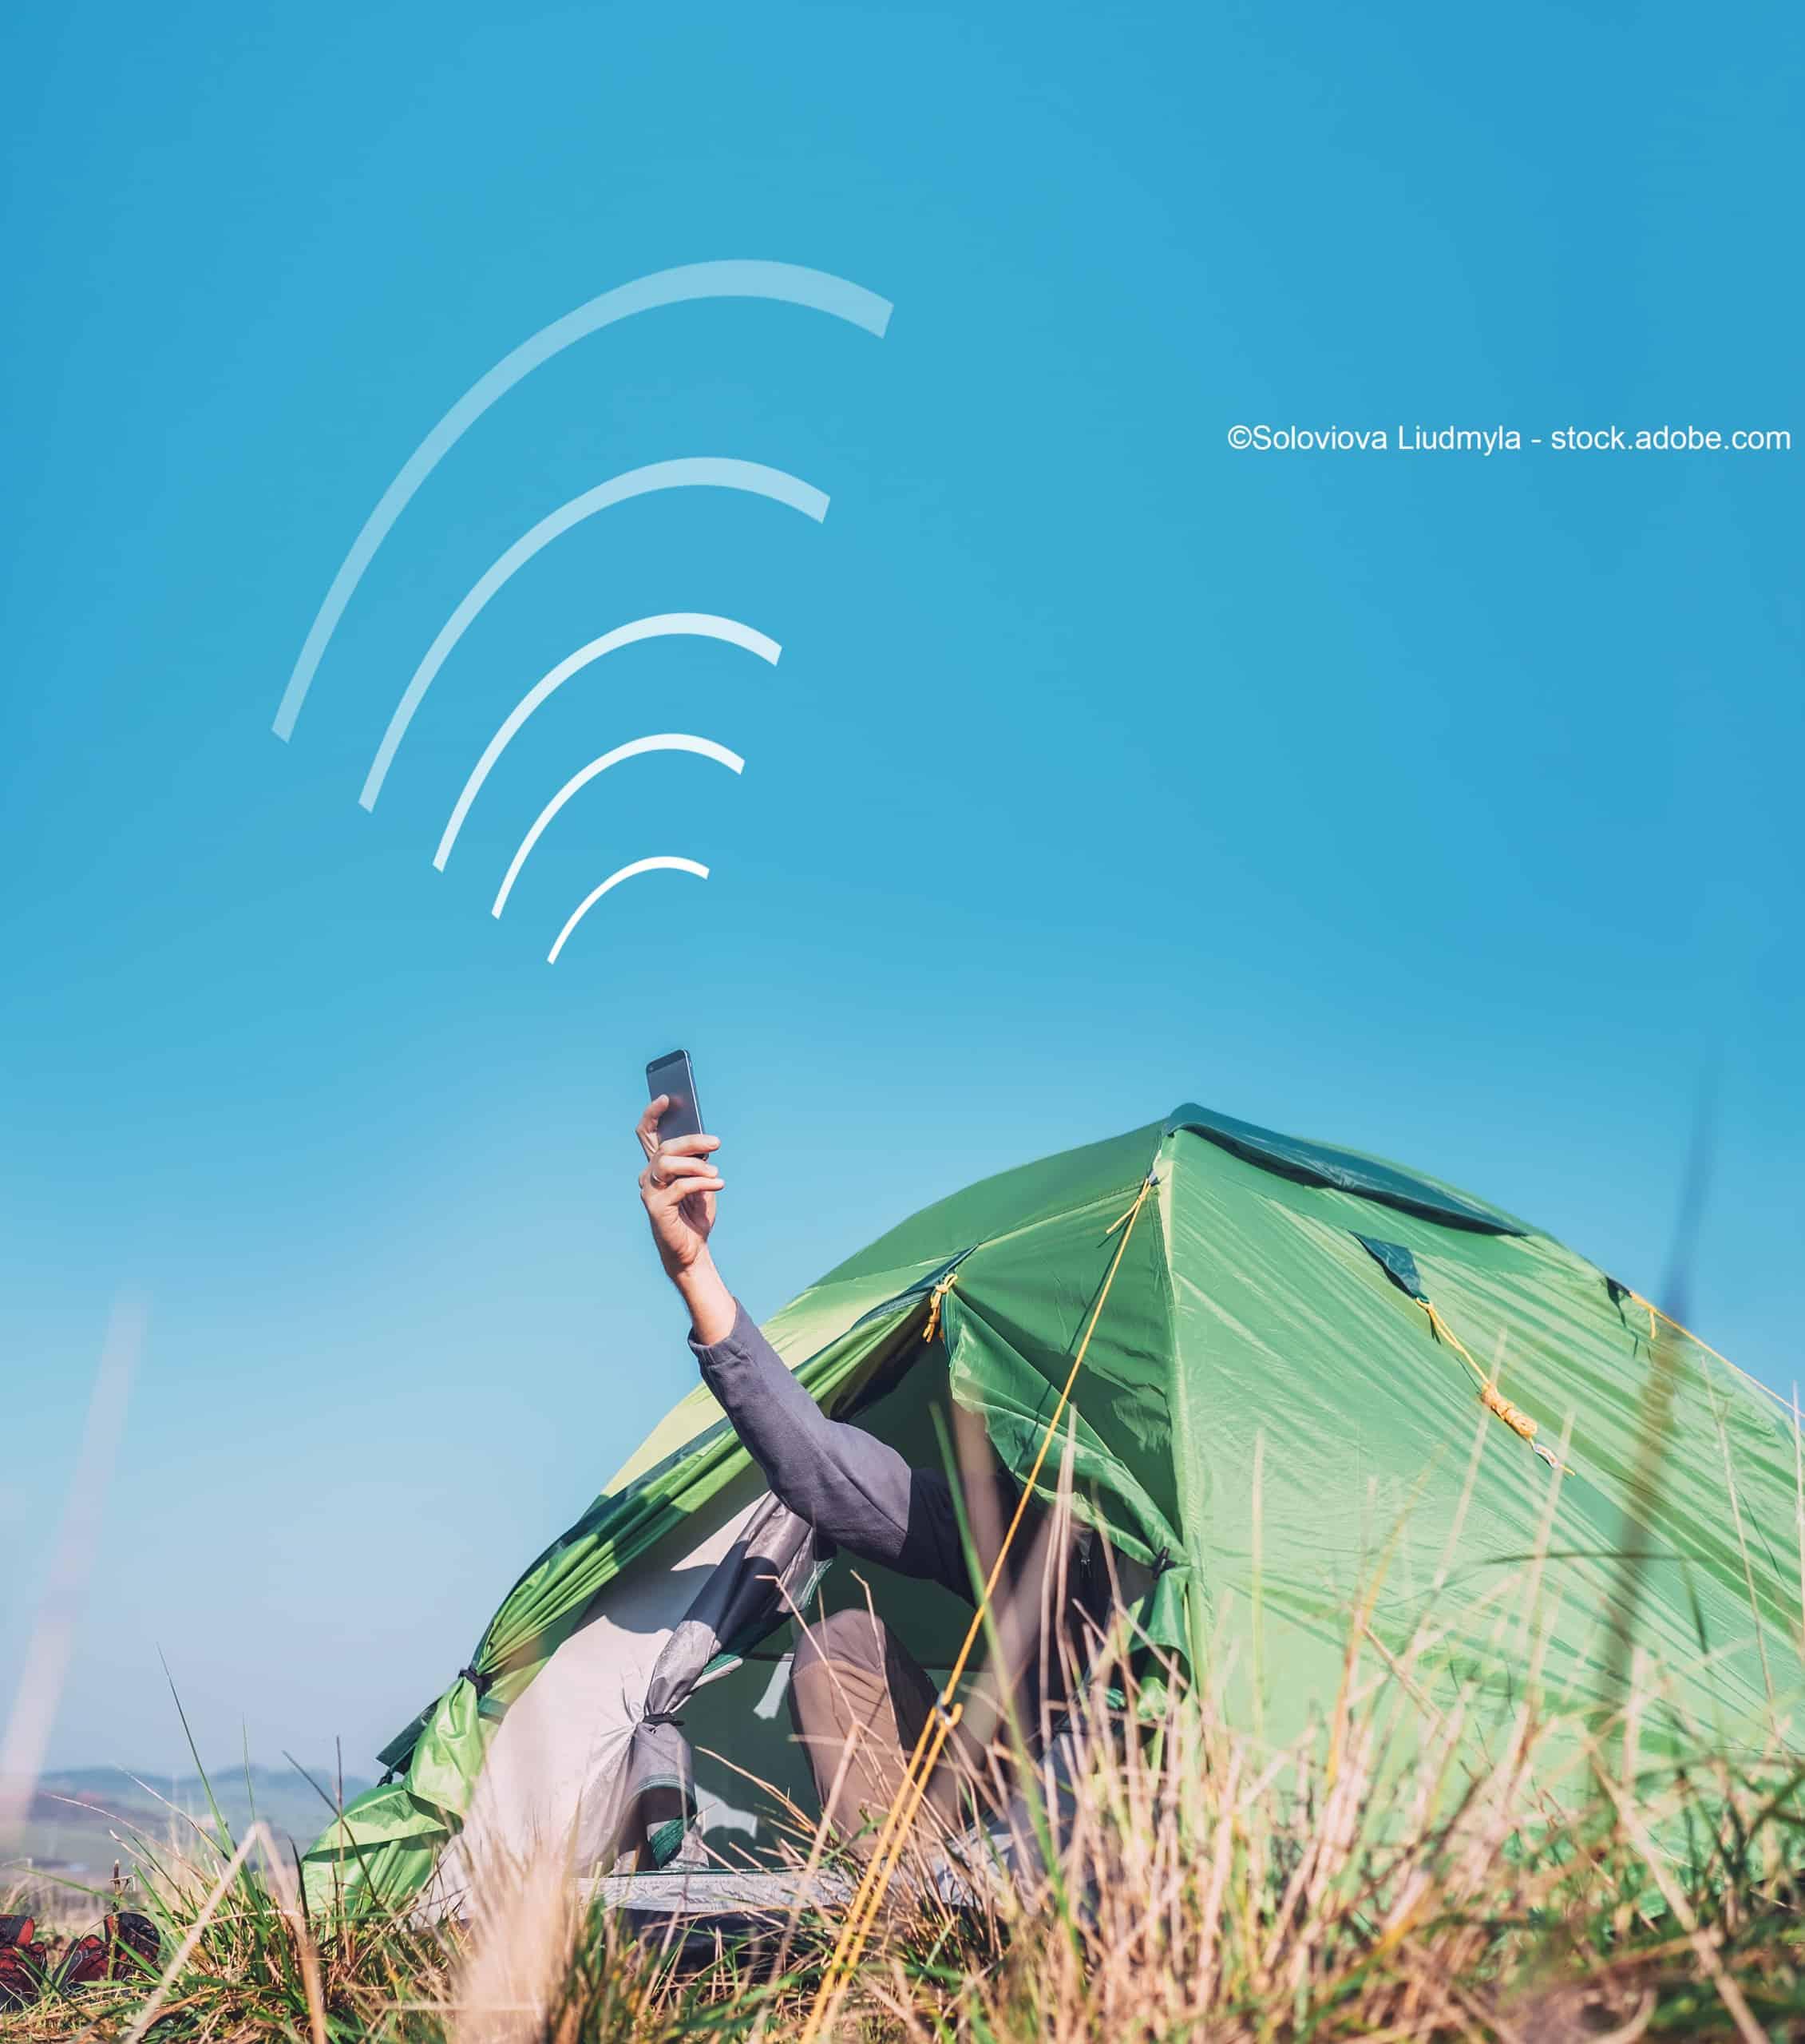 wlan hotspot campingplatz zelt